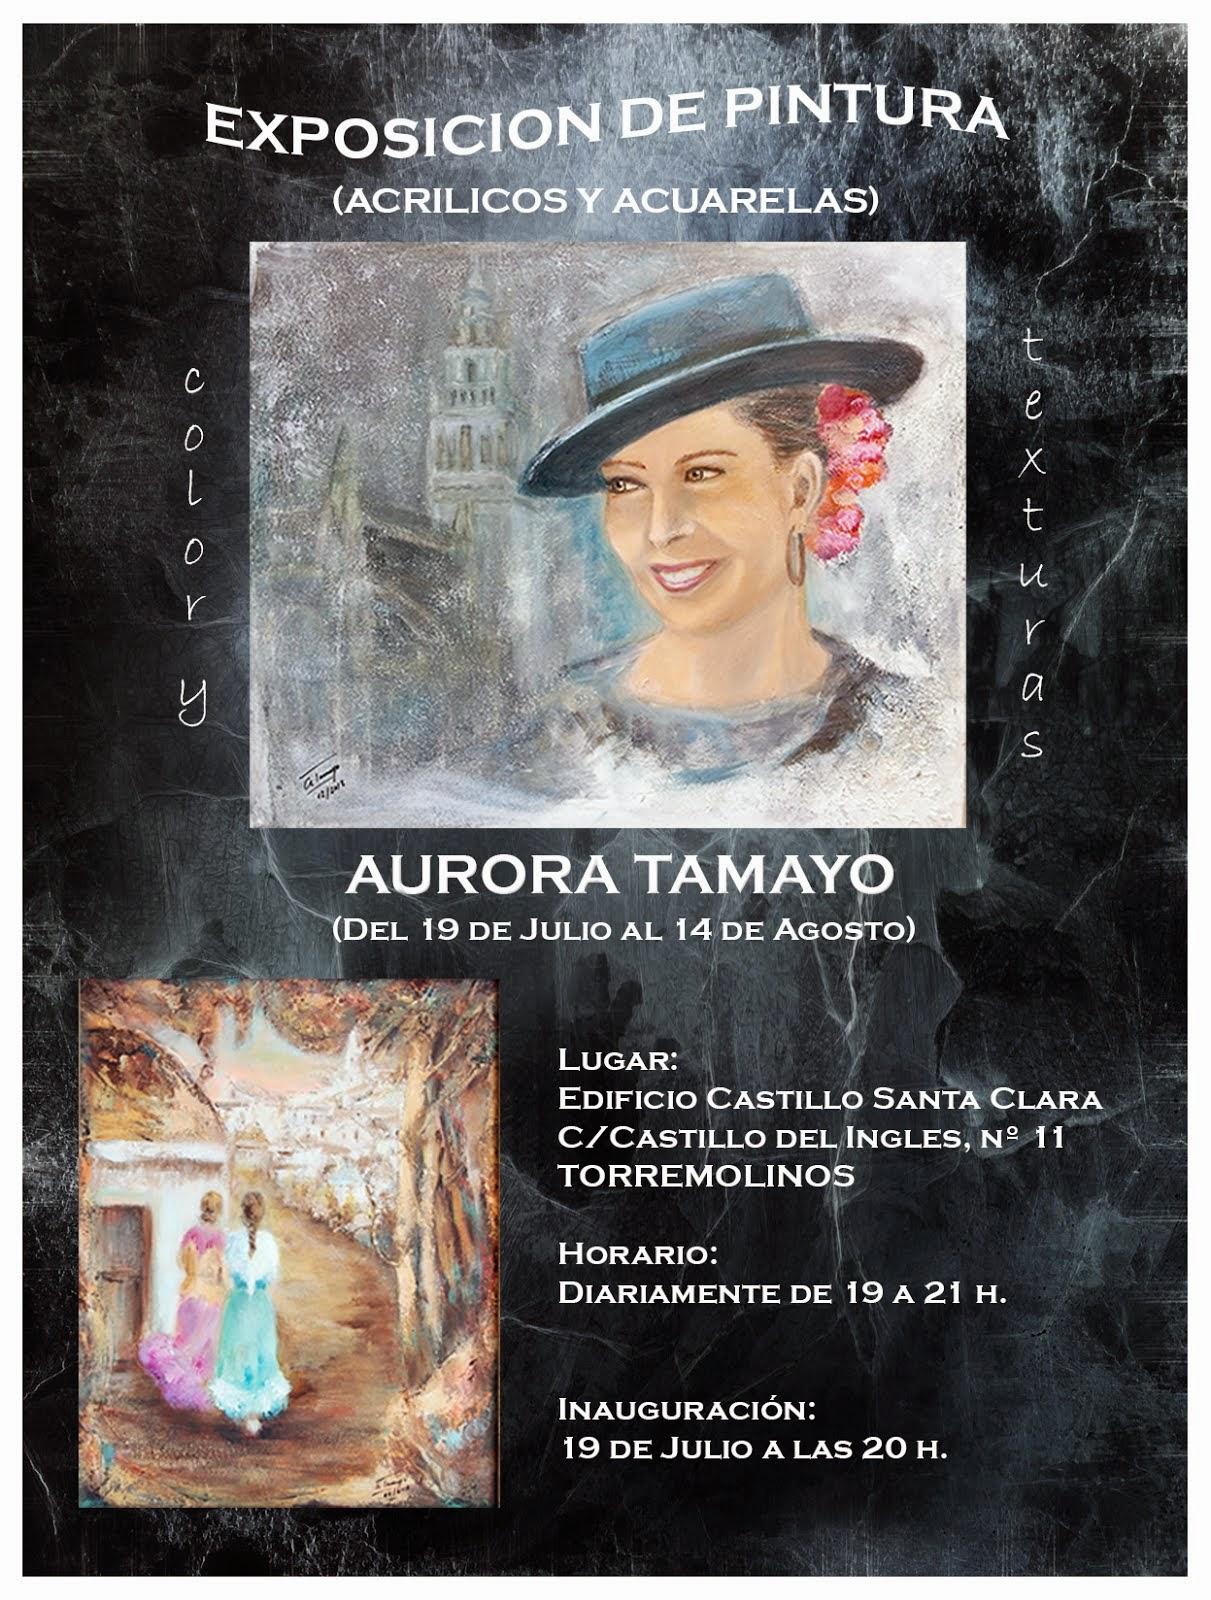 EXPOSICION DE PINTURA (del 19-7 al 14-8-2014